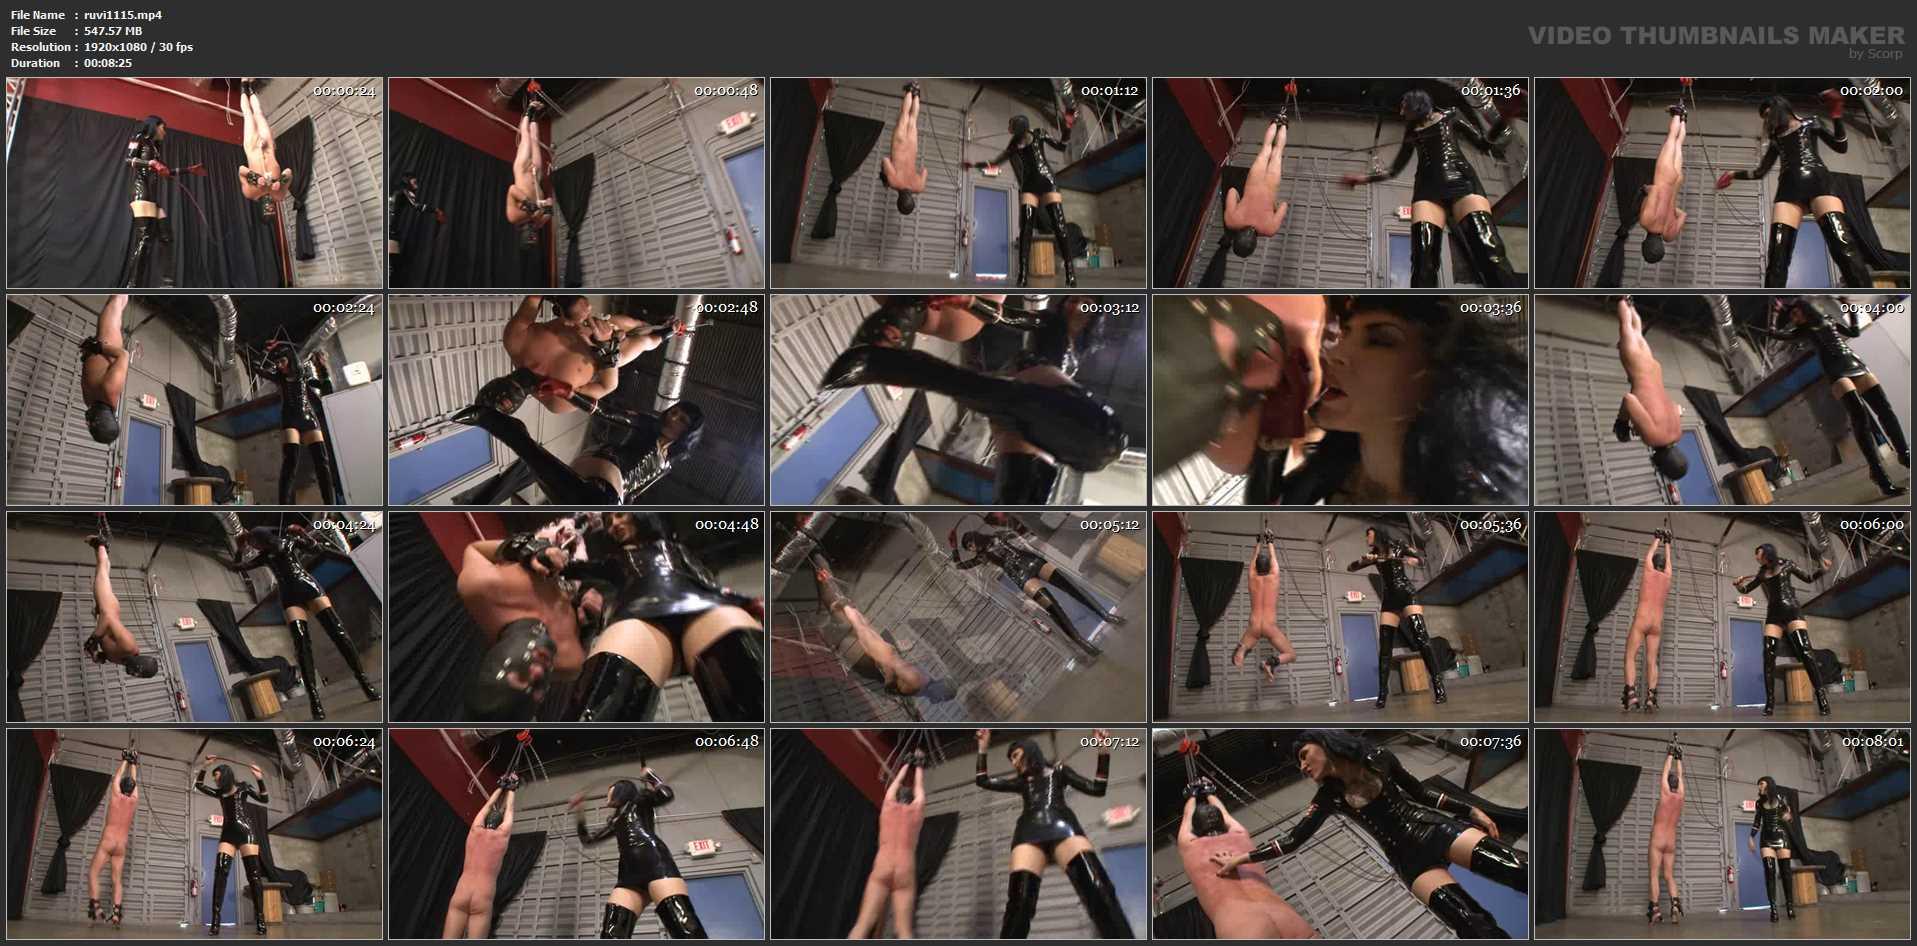 Simone Kross In Scene: Simone Loves the Whip - CLUBDOM / RUTHLESSVIXEN - FULL HD/1080p/MP4